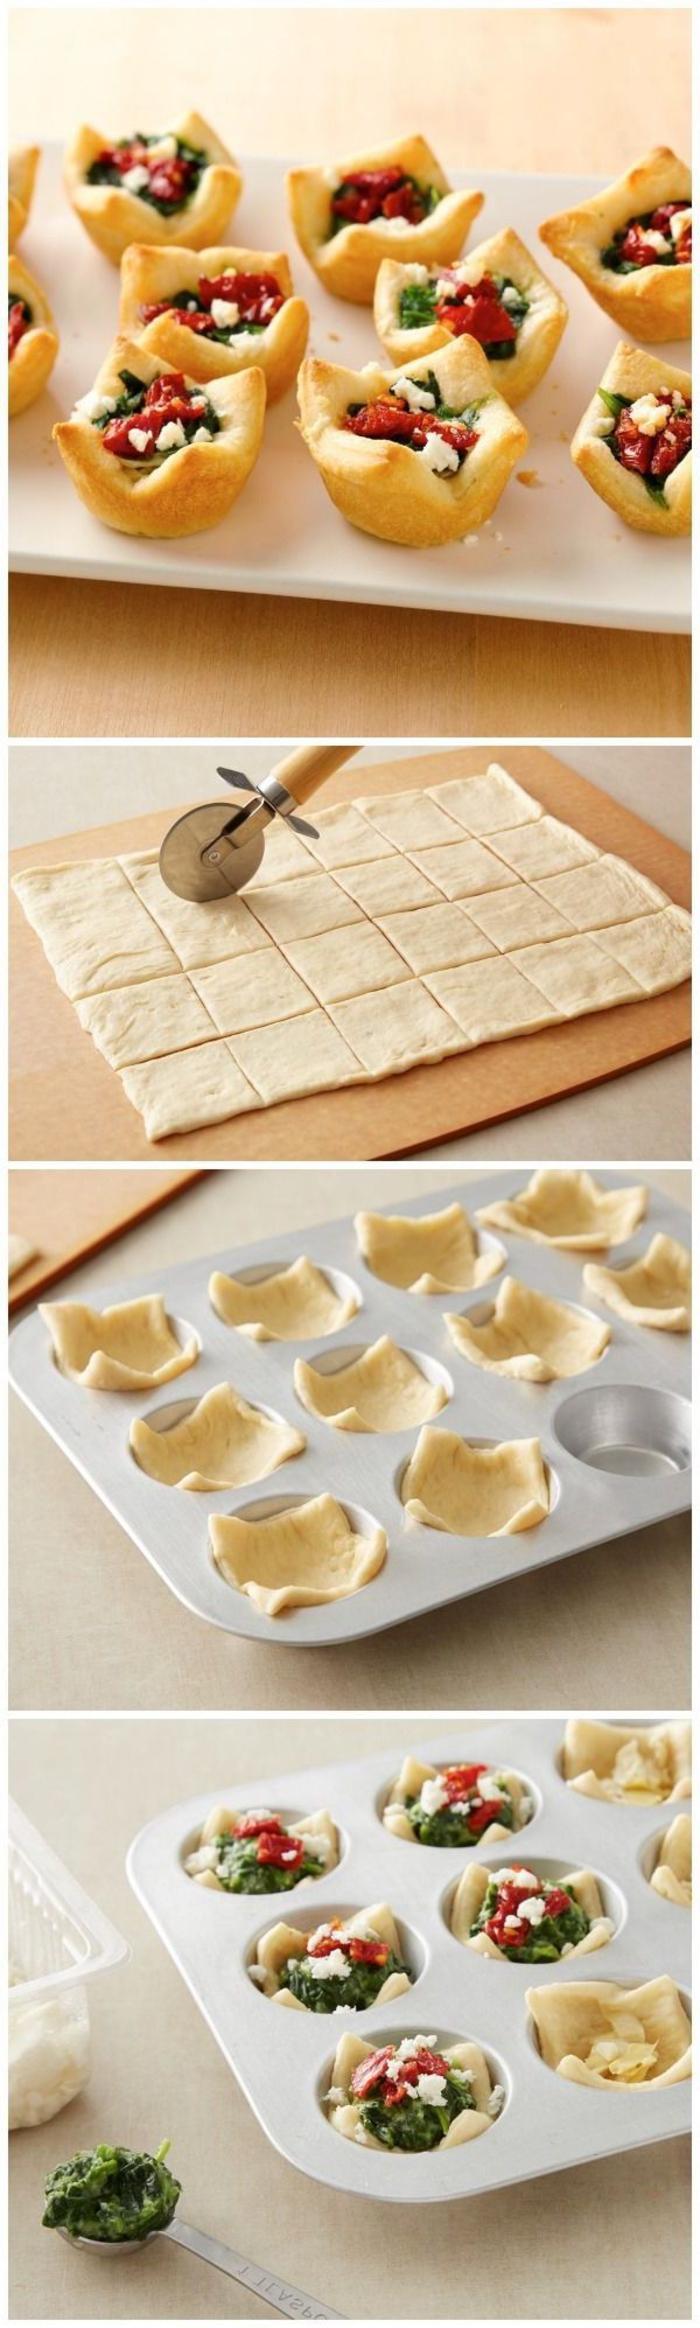 canapes vegetarianos ricos y fáciles de hacer, como hacer tartaletas saladas paso a paso